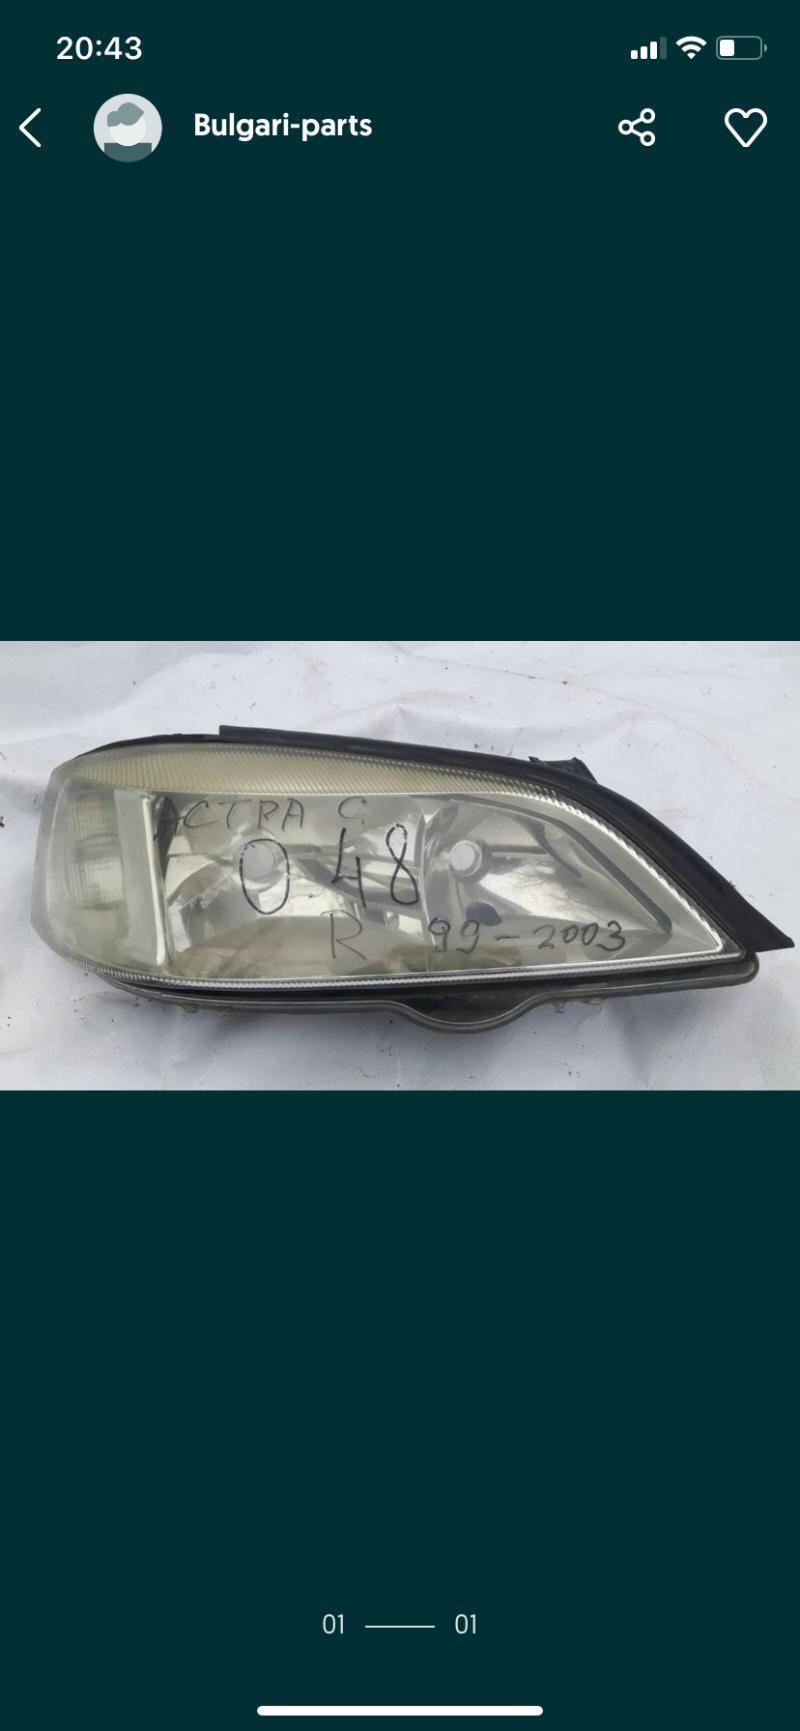 десен фар Опел Астра Opel Astra G 1998-2005 R #049